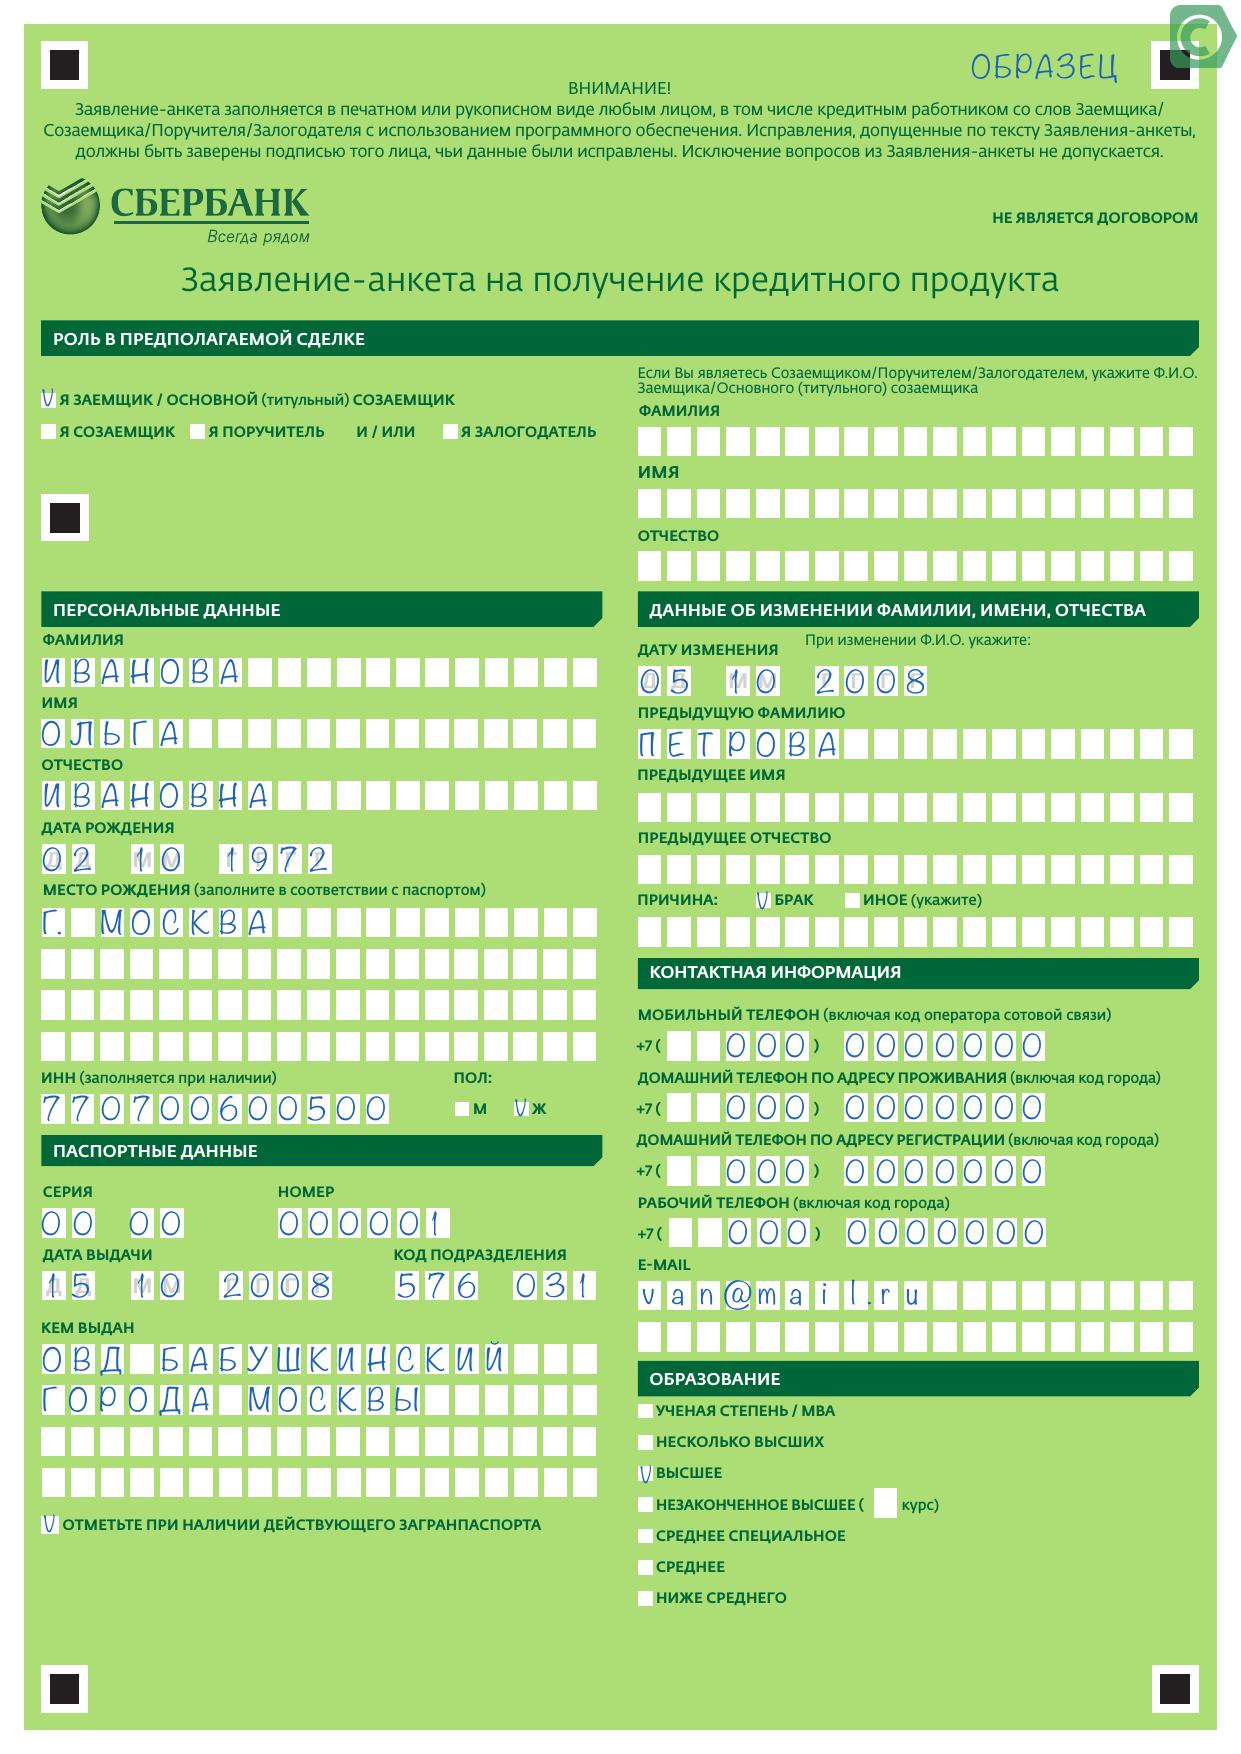 Какие нужны документы для оформления кредита сбербанк пакет документов для получения кредита Чебоксарская улица